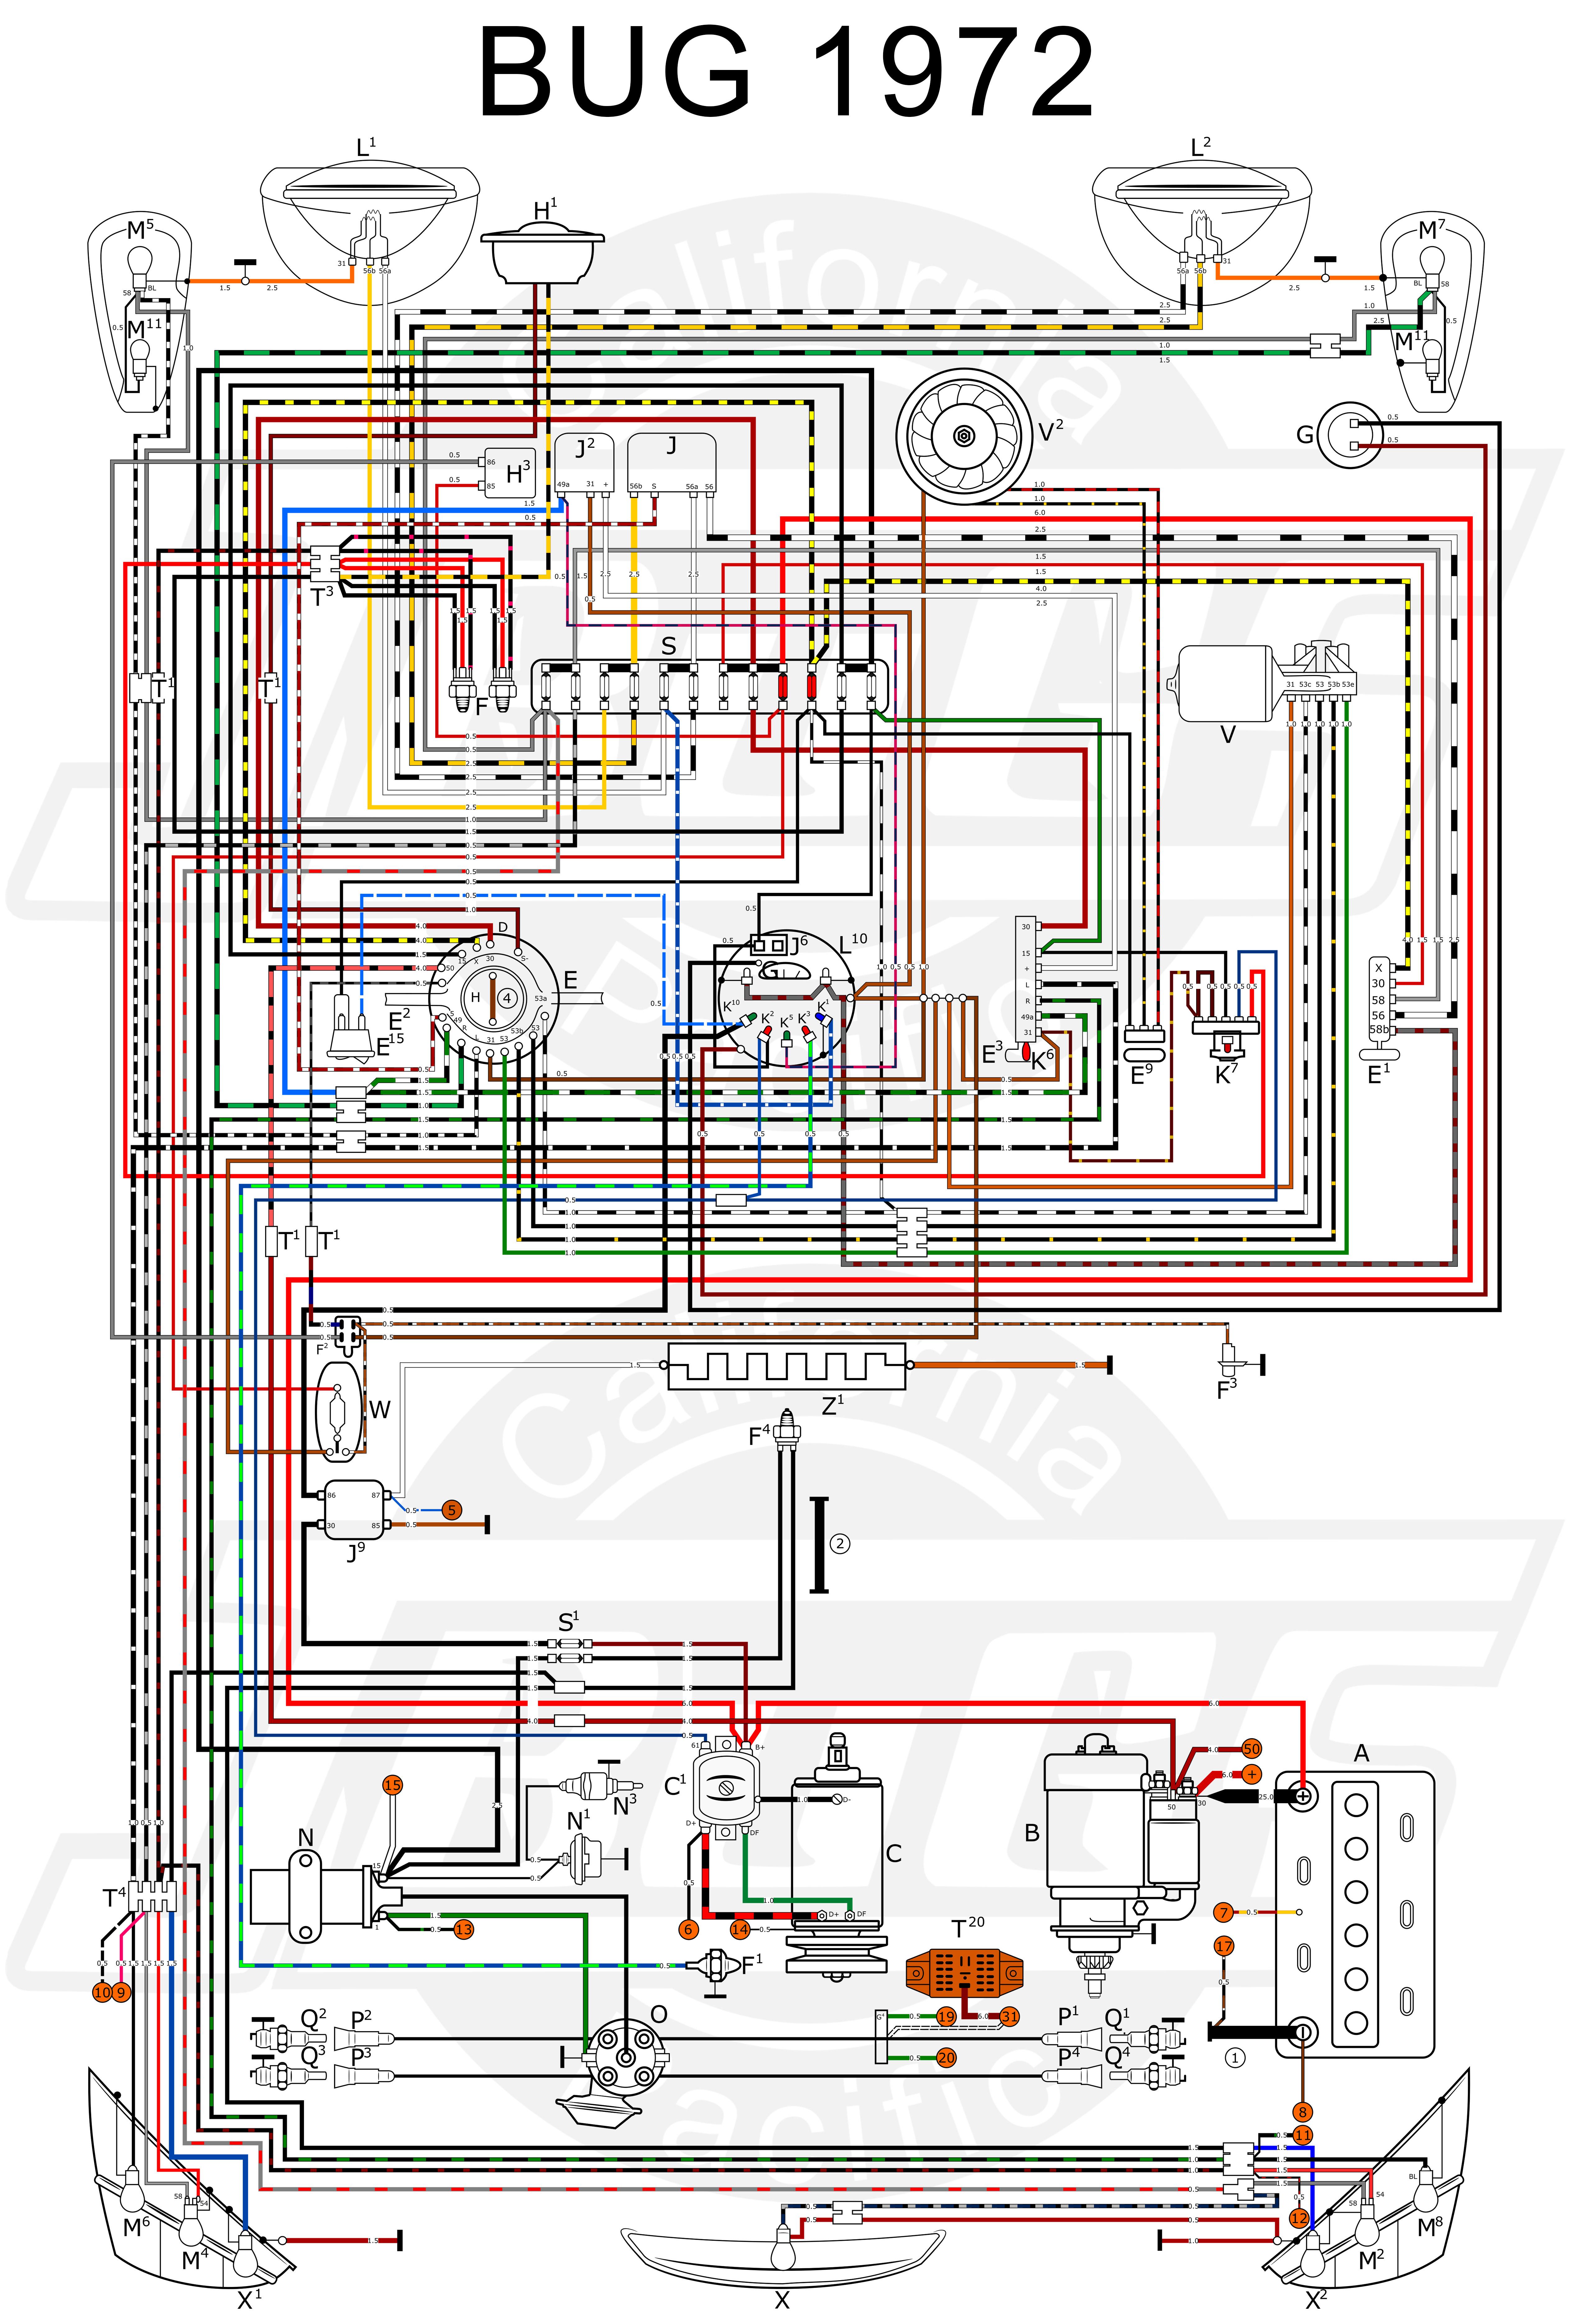 74 Super Beetle Wiring Diagram - Roslonek.net